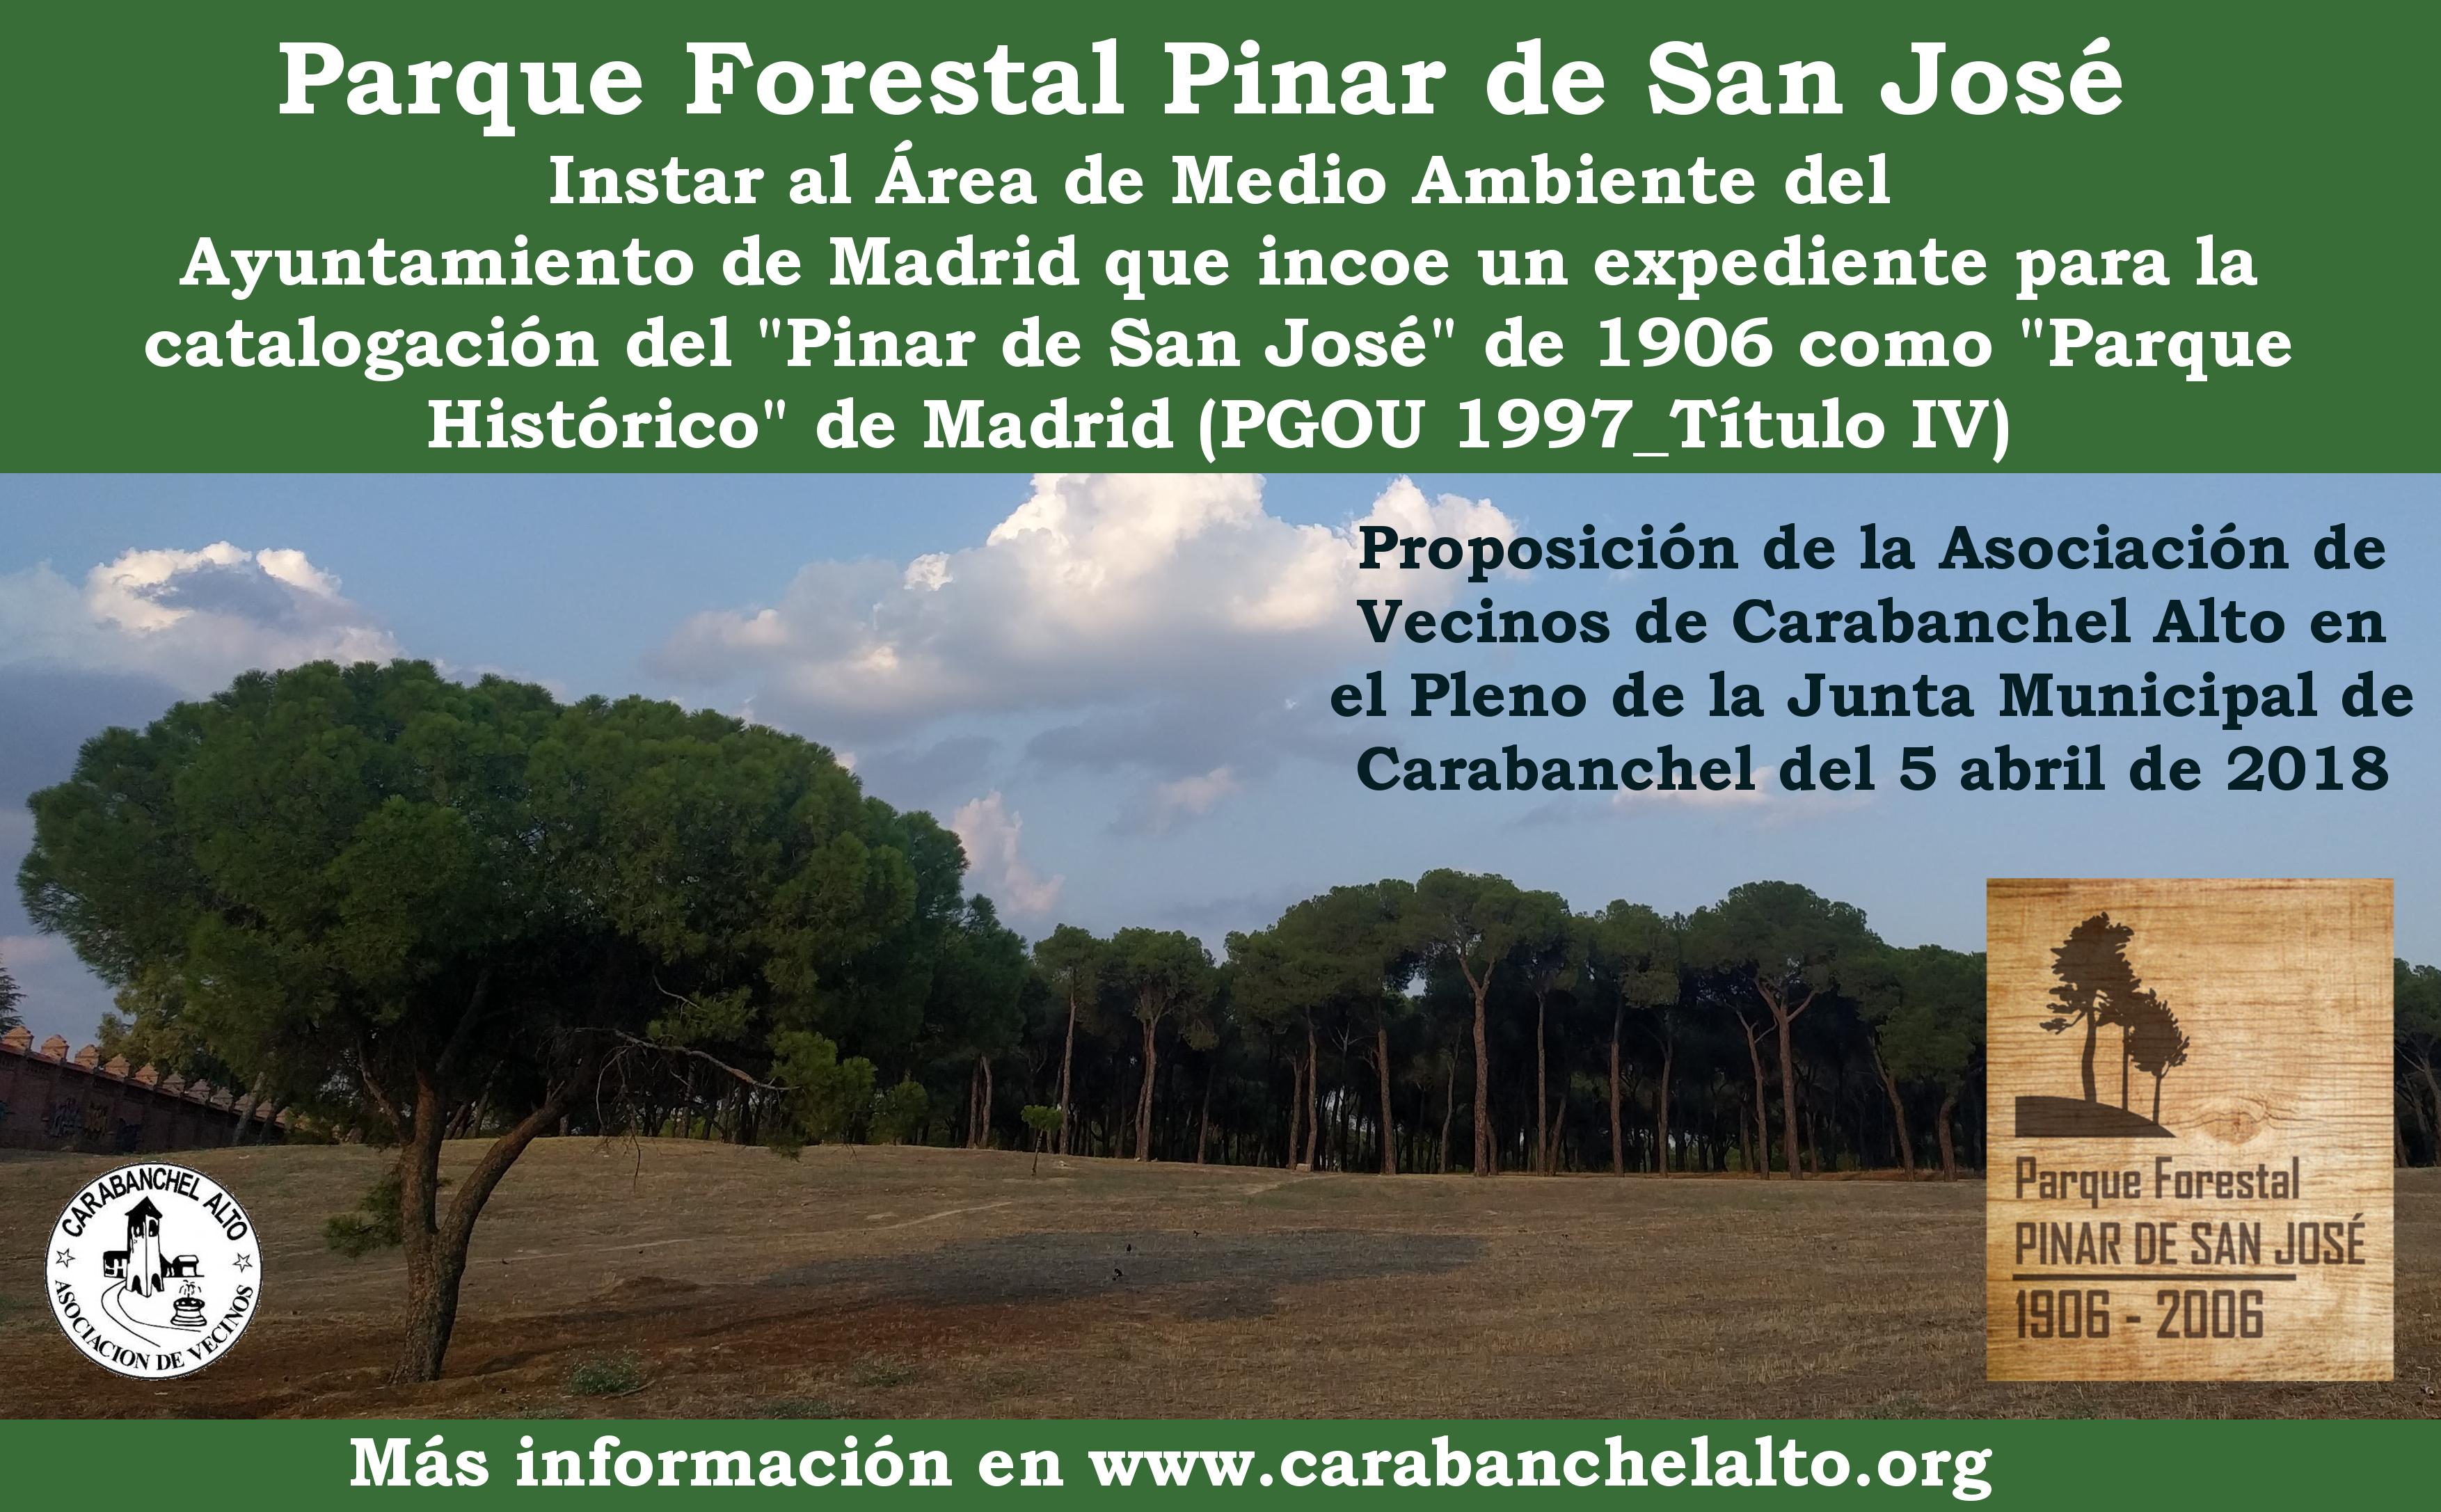 Proposición en el Pleno para catalogar el Pinar de San José como Parque  Histórico de Madrid | Asociación Vecinal de Carabanchel Alto